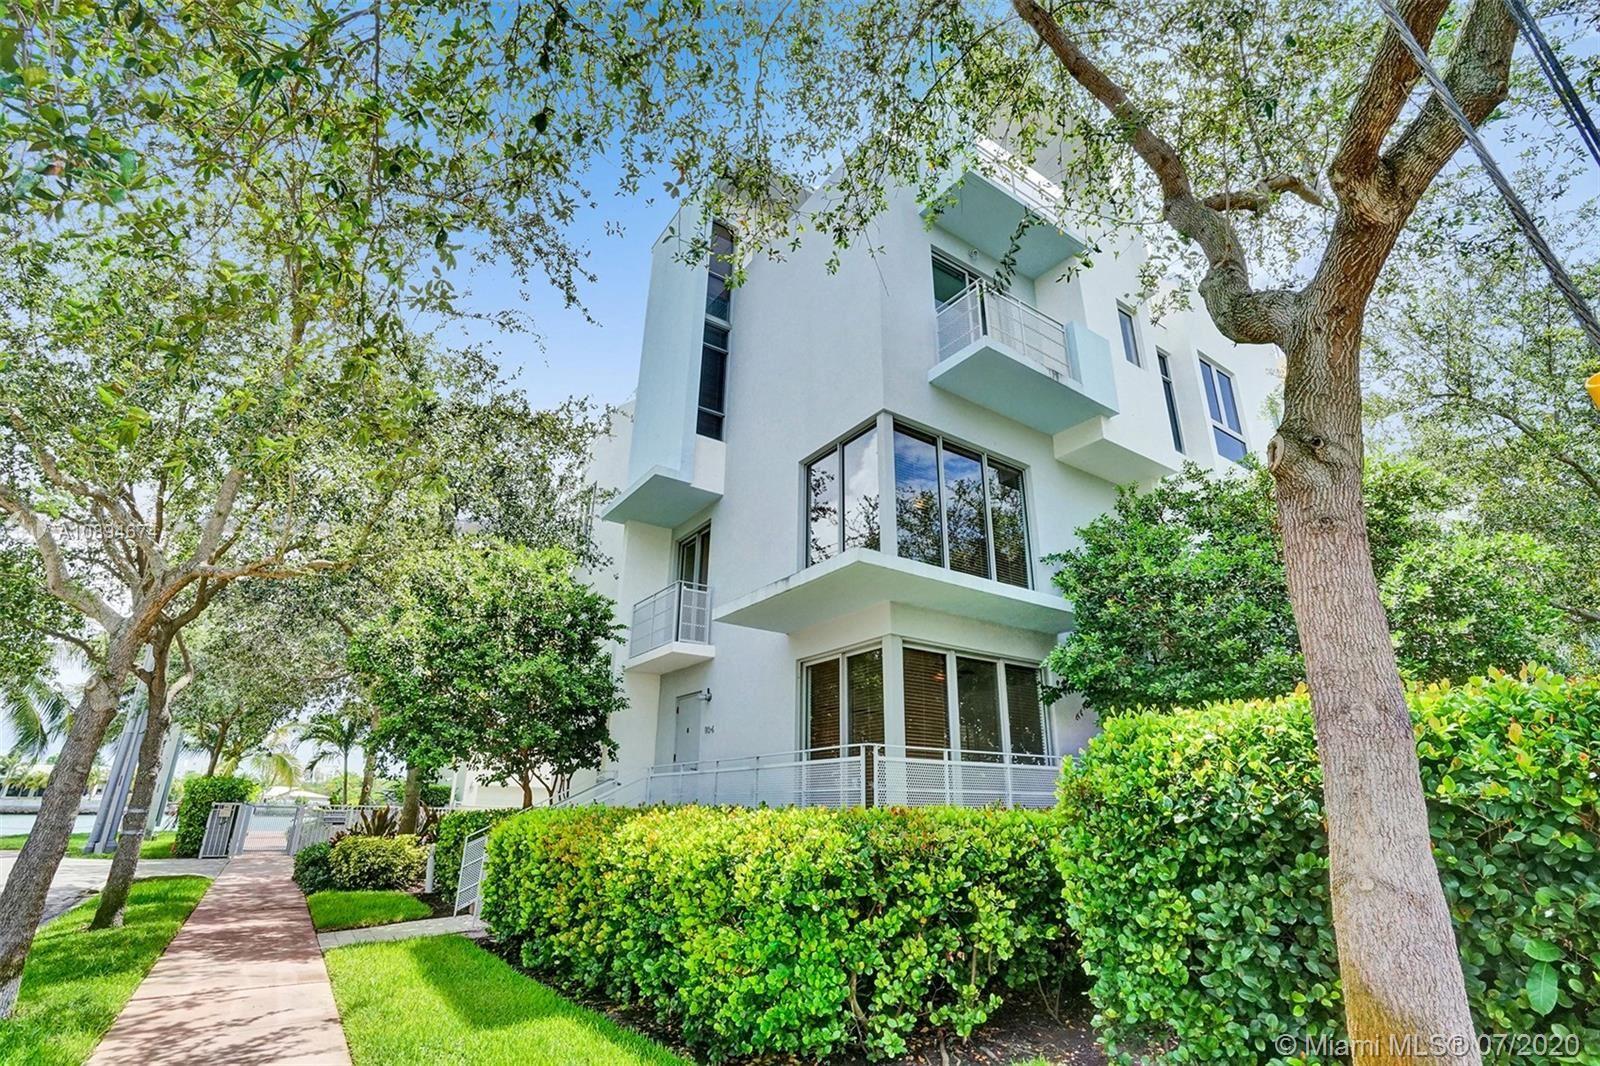 193 N Shore Dr #193-6, Miami Beach, FL 33141 - MLS#: A10894674